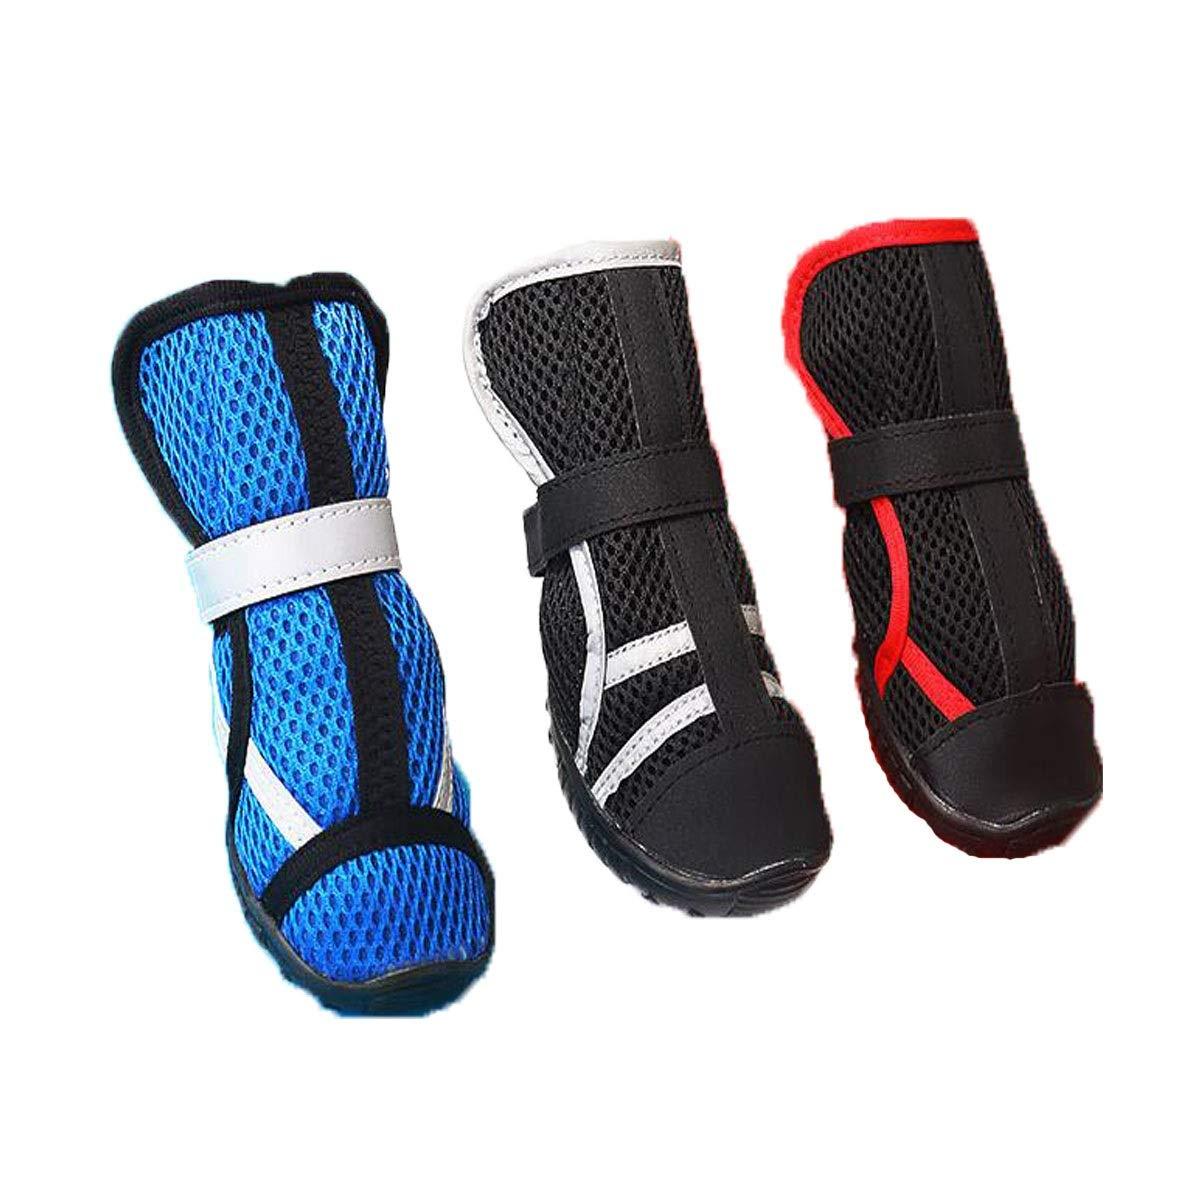 Black M Black M Muziwenju Dog shoes, Big Dog Sports Net shoes, Non-Slip shoes, Pet Supplies, bluee, Black, (XS- L) (color   Black, Size   M)